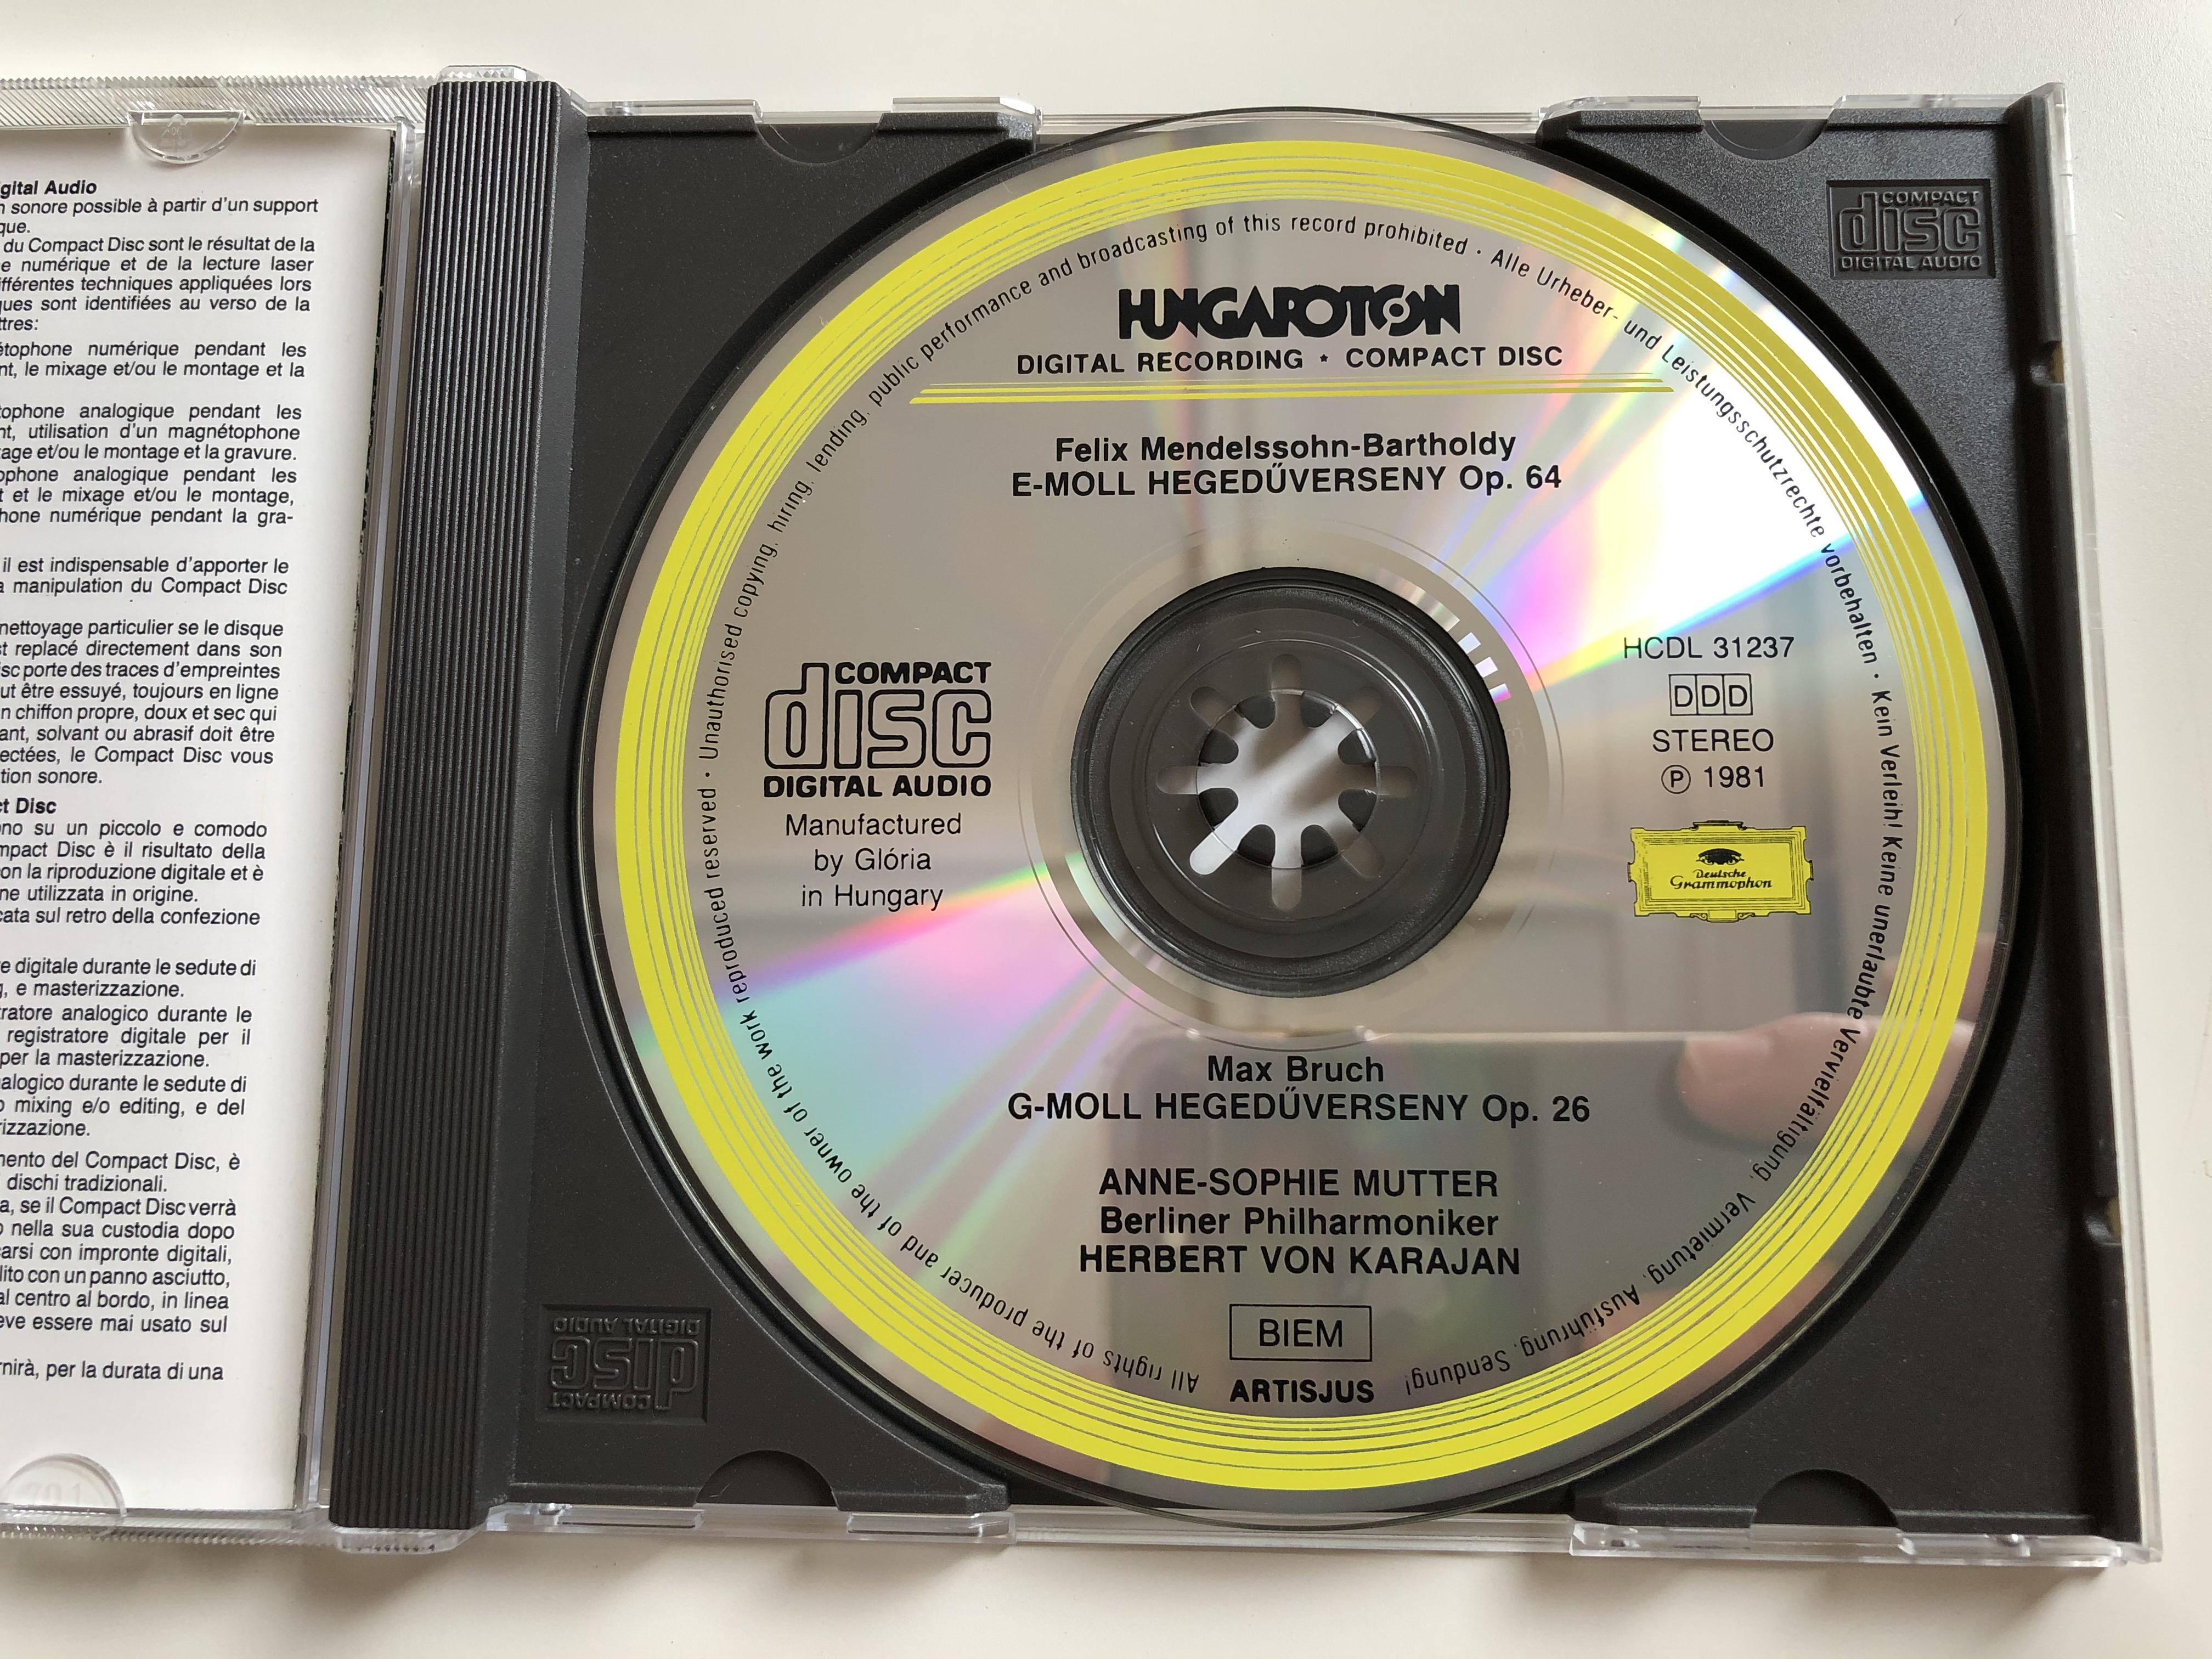 mendelssohn-bruch-violinkonzerte-violin-concertos-concertos-pour-violin-anne-sophie-mutter-berliner-philharmoniker-herbert-von-karajan-deutsche-grammophon-audio-cd-1981-stereo-hcdl-3-3-.jpg